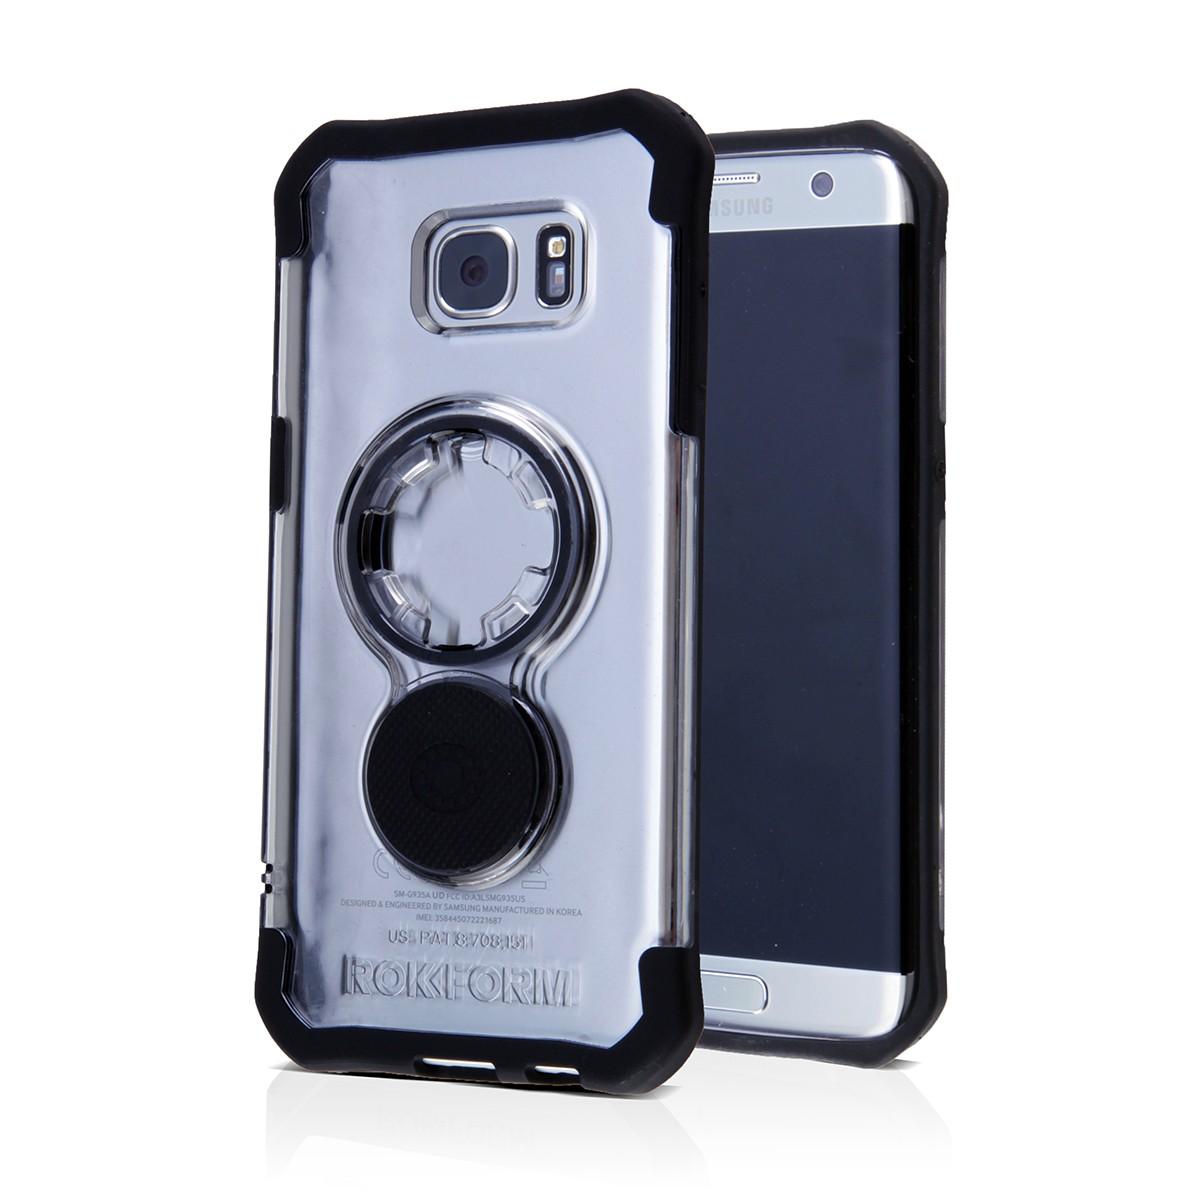 Rokform Θήκη Samsung Galaxy S7 Edge V3 Crystal Case με Μαγνητική Βάση Αυτοκινήτου - Crystal Clear (302820)